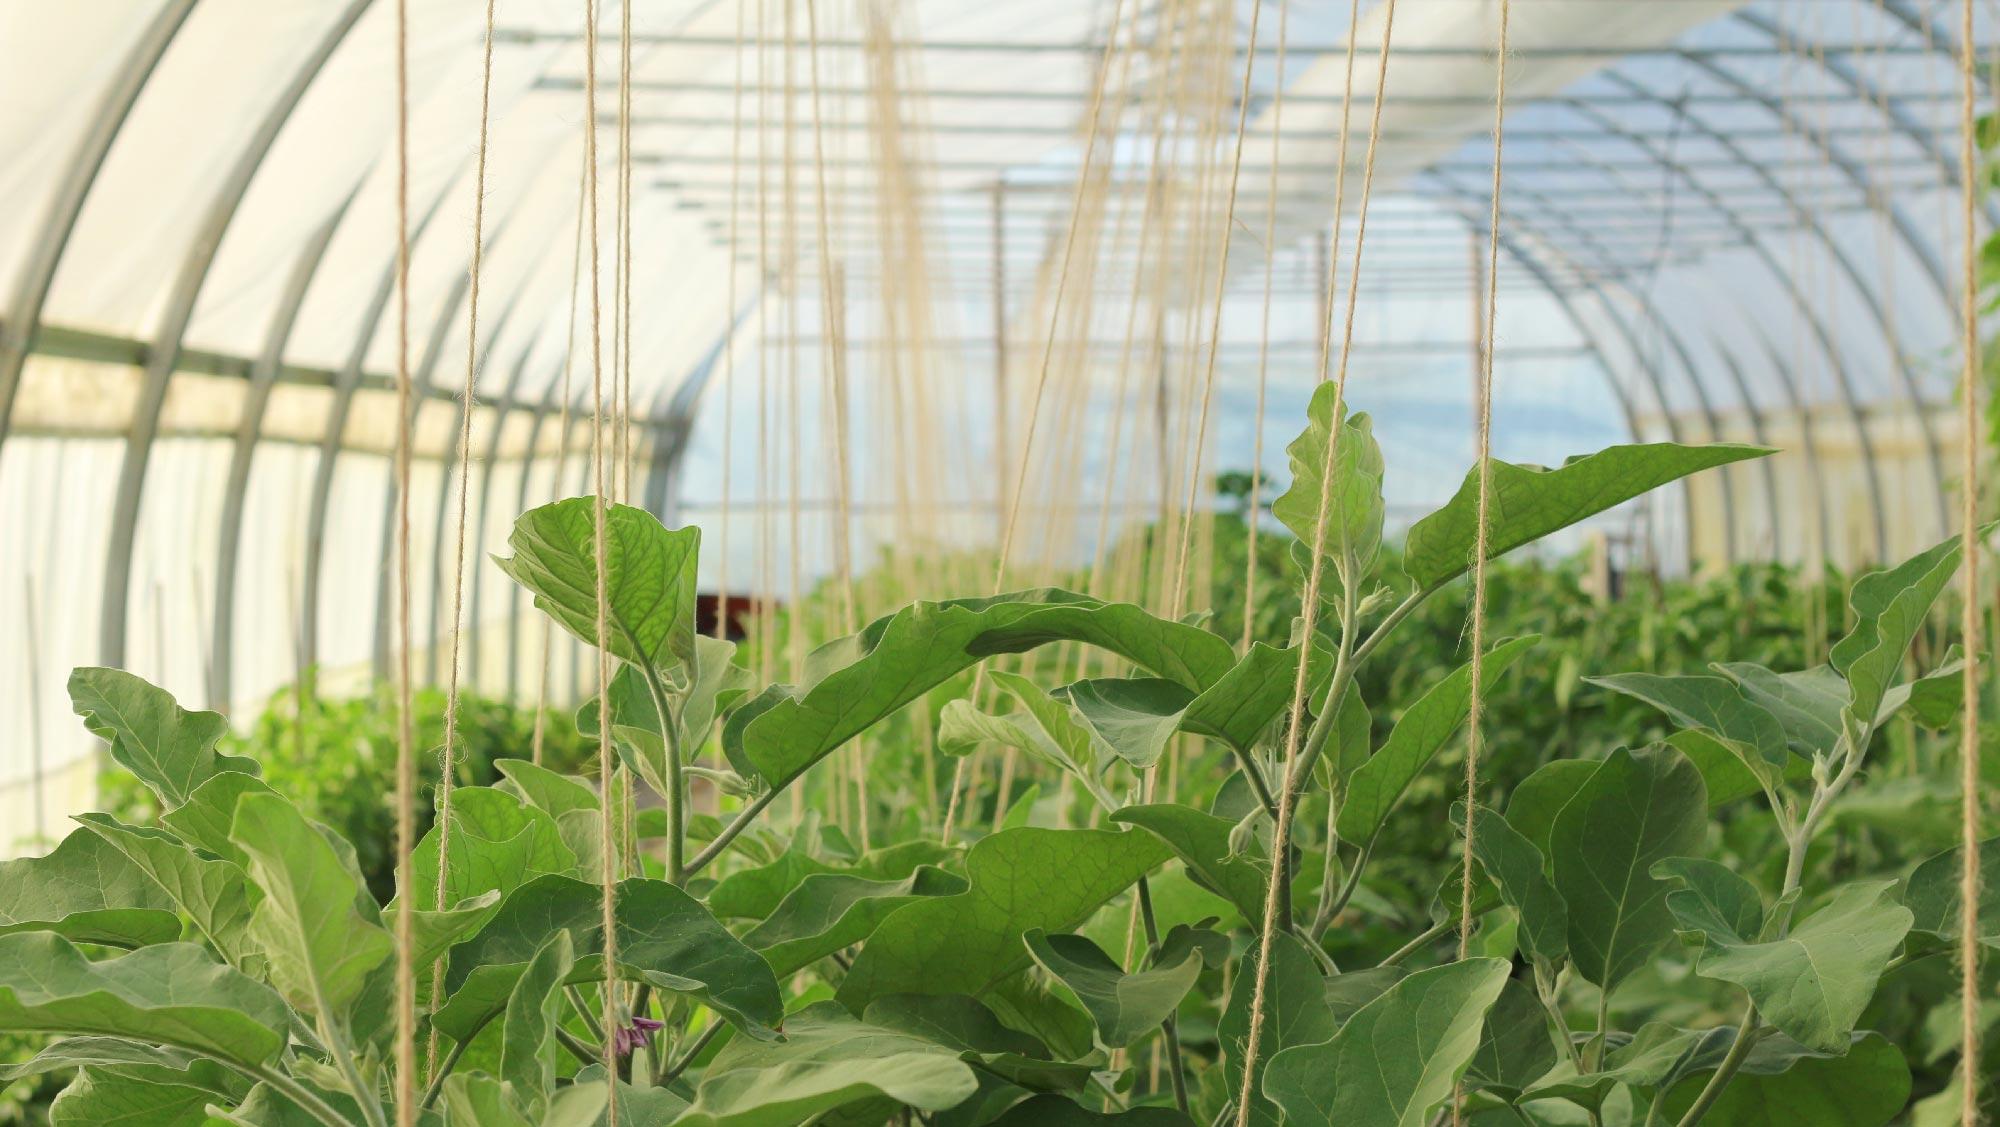 Que Planter En Octobre Sous Serre la construction d'une serre | horticulture ornementale